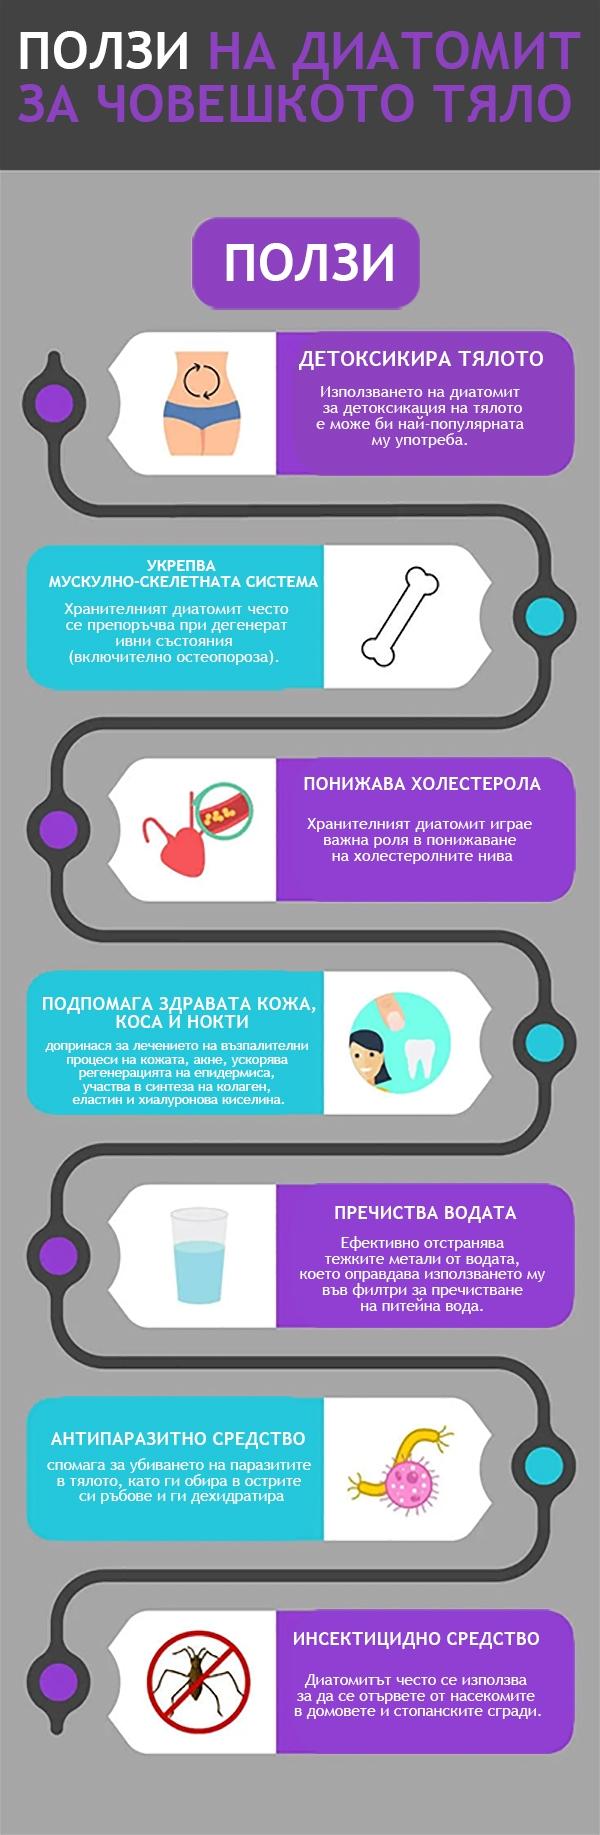 Начин на употреба, диатомит, пръст, силиций, как се пие, за каква, действие,